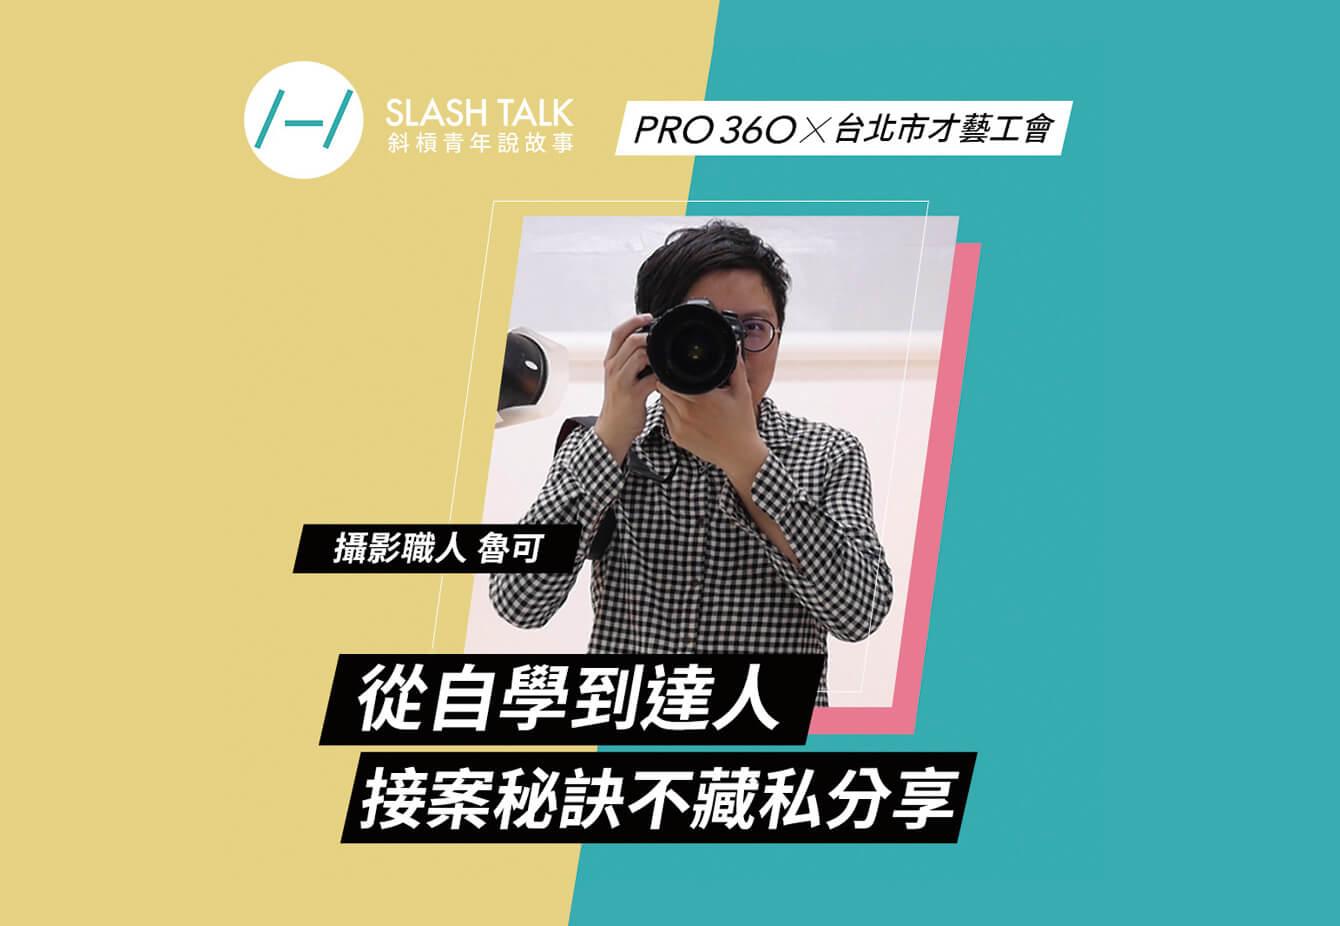 《斜槓青年說故事》攝影職人-魯可:從自學到開工作室,接案存活秘訣大公開